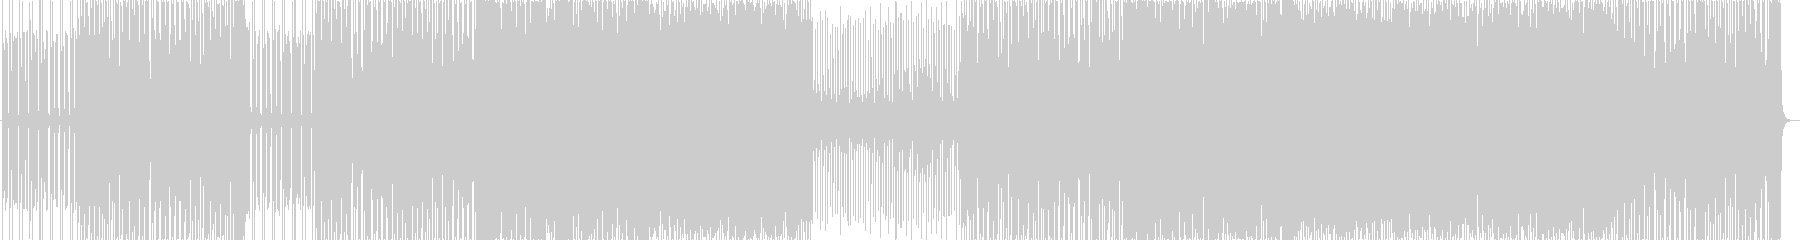 コミカルなダンス曲の未再生の波形